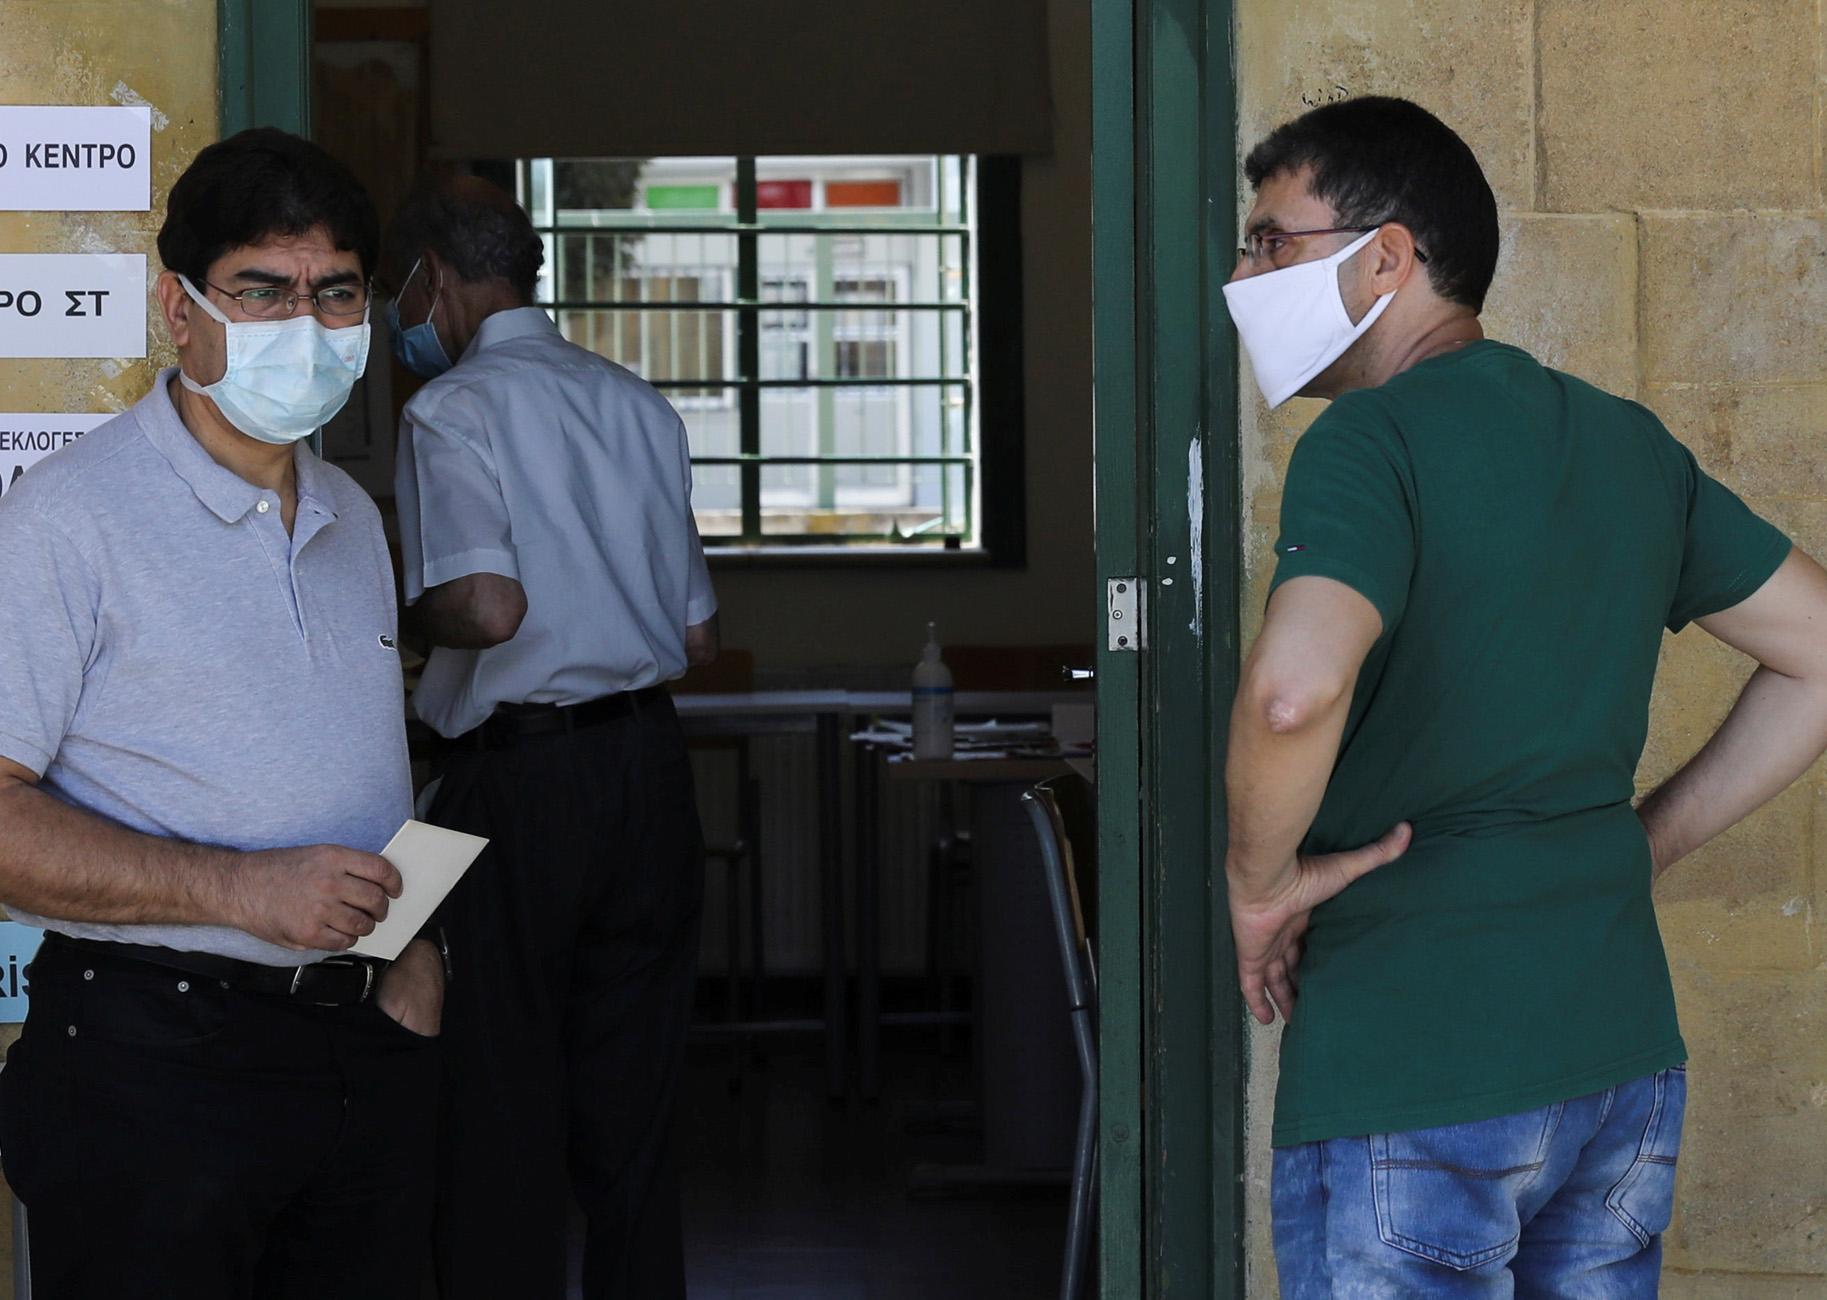 Κύπρος: Τρίτη δόση του εμβολίου για τους άνω των 83 ετών από την προσεχή Δευτέρα